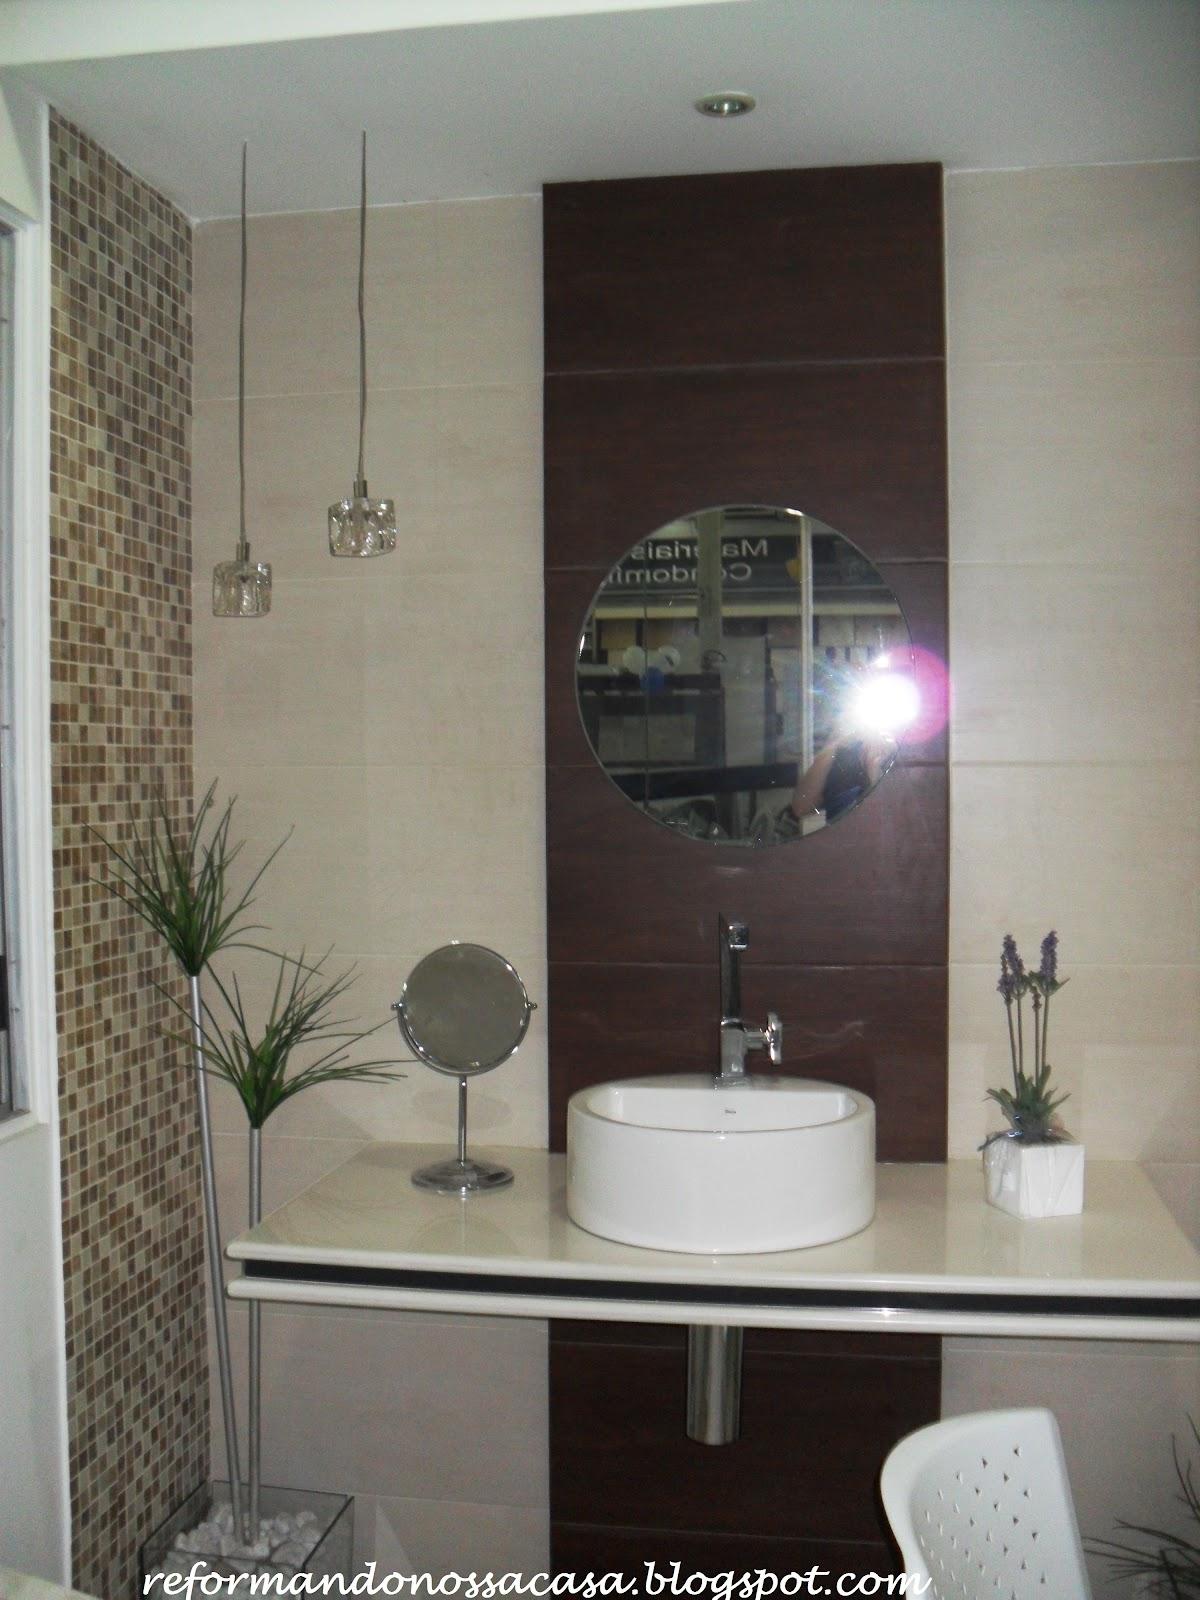 porcelanato estilo madeira no banheiro Quotes #53574B 1200x1600 Banheiro Com Porcelanato Madeira